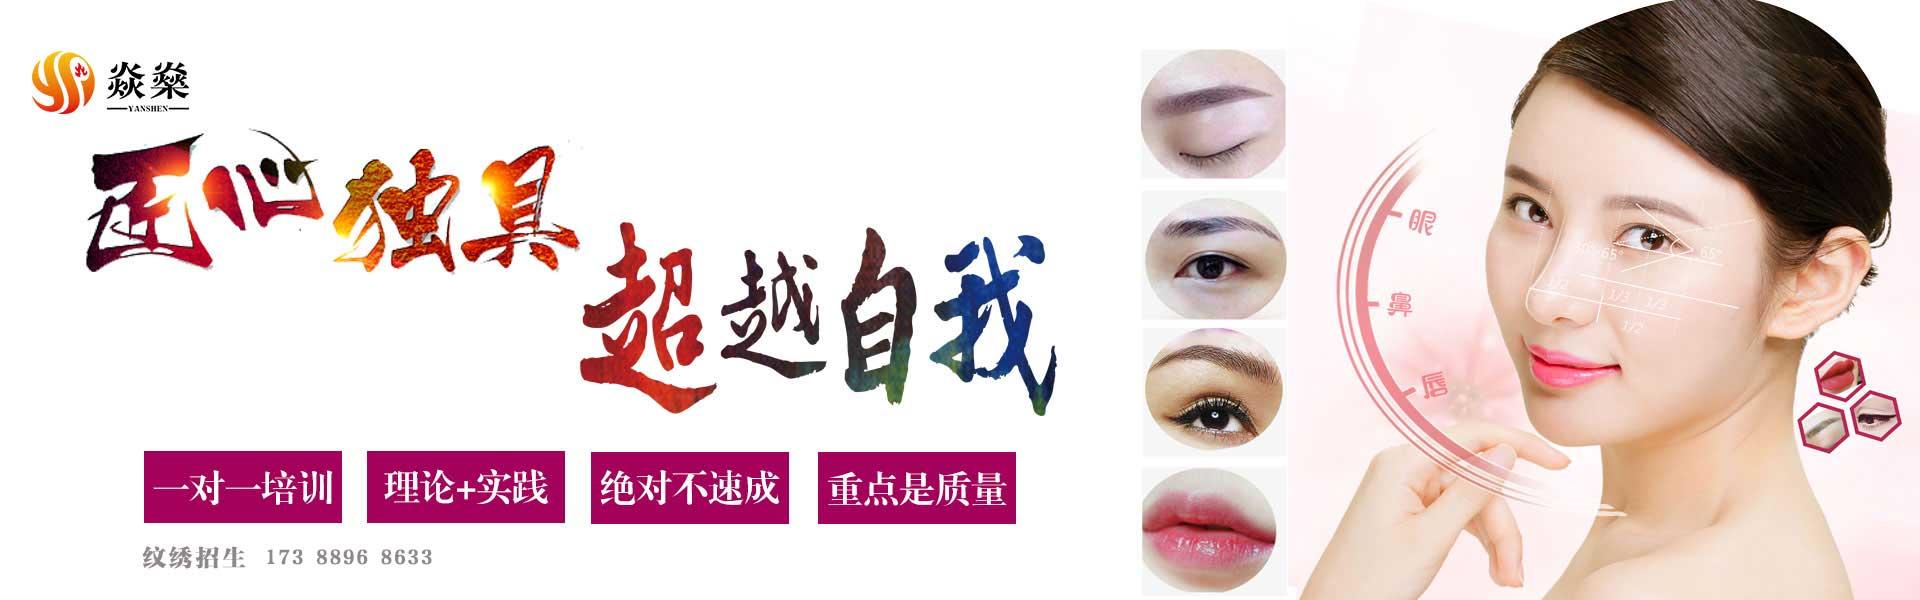 长沙纹绣培训告诉你漂唇后的注意事项!